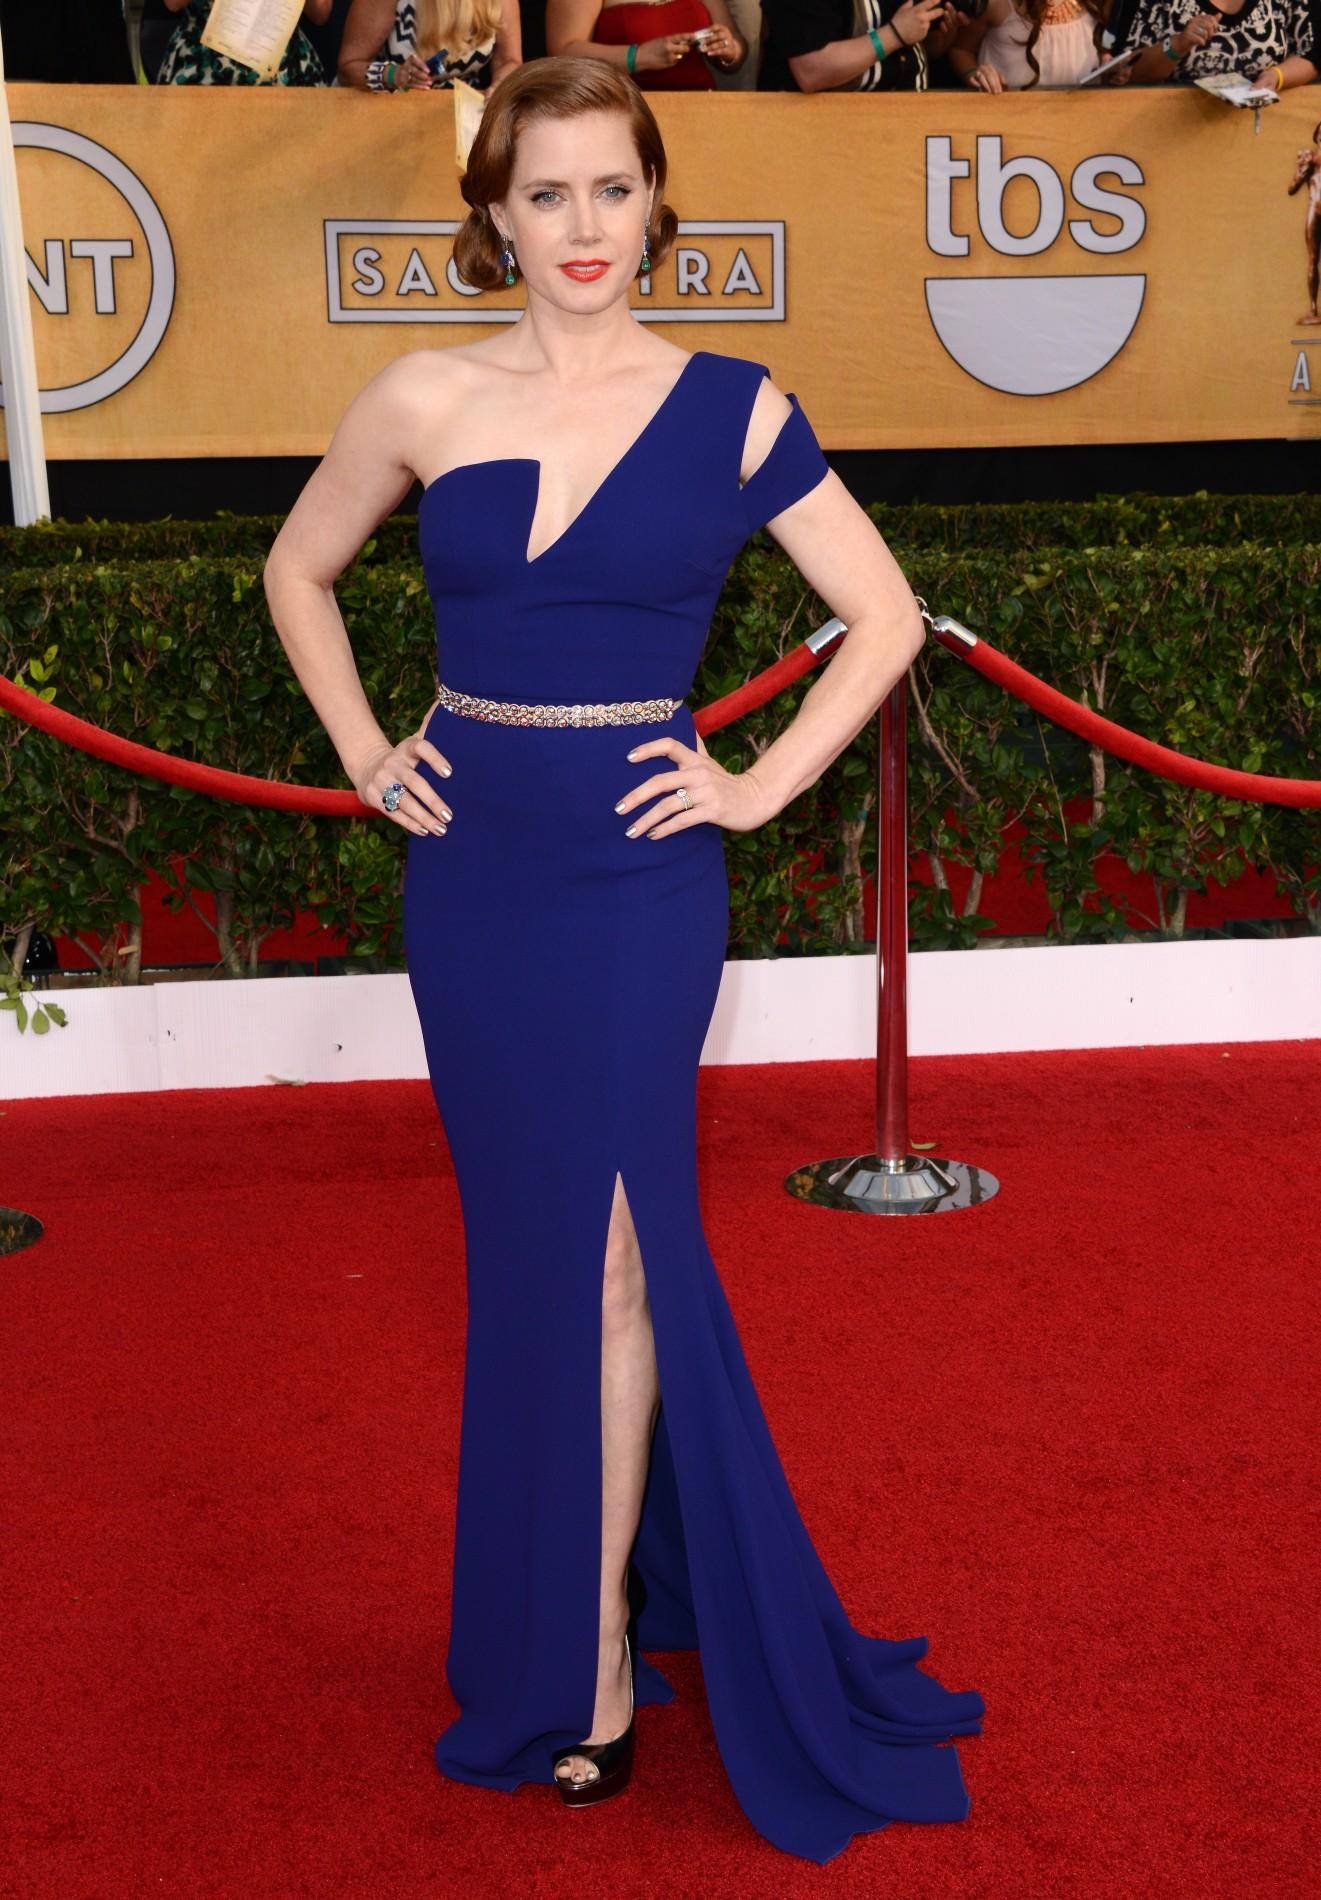 Moda. Cum poarta vedetele rochia asimetrica. Inspira-te din stilul lor!